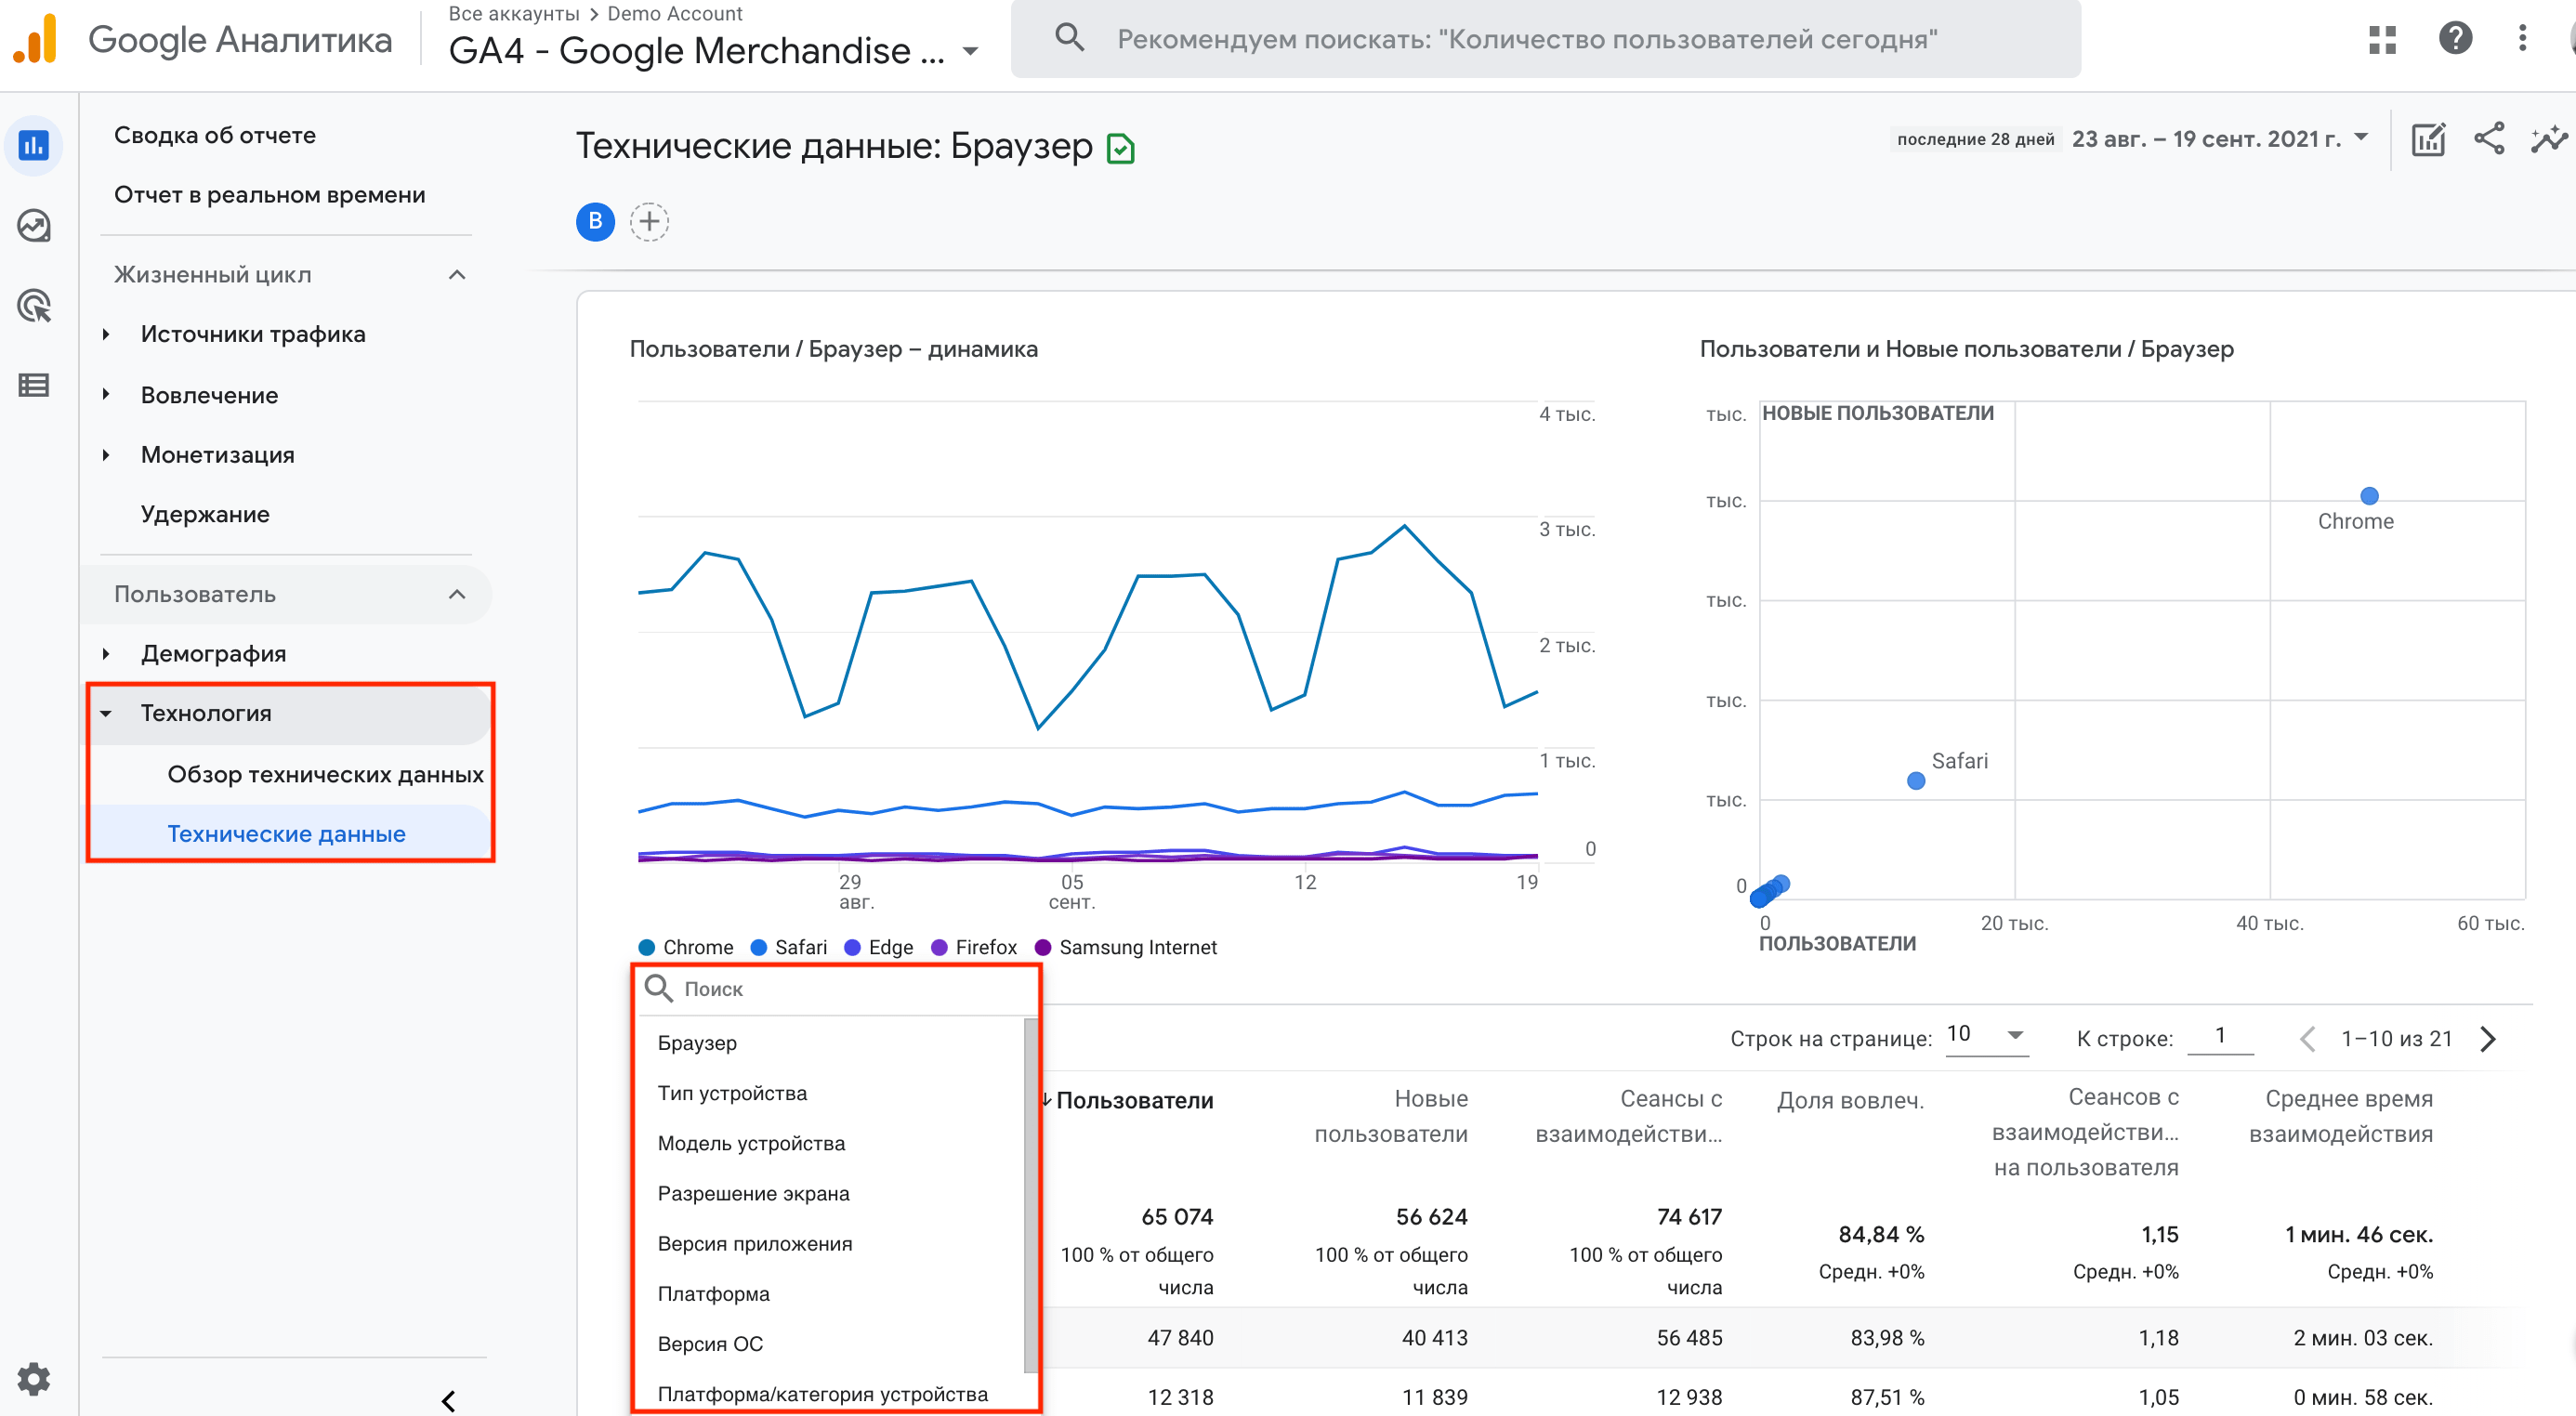 Отчет «Технические данные» в Google Аналитике 4